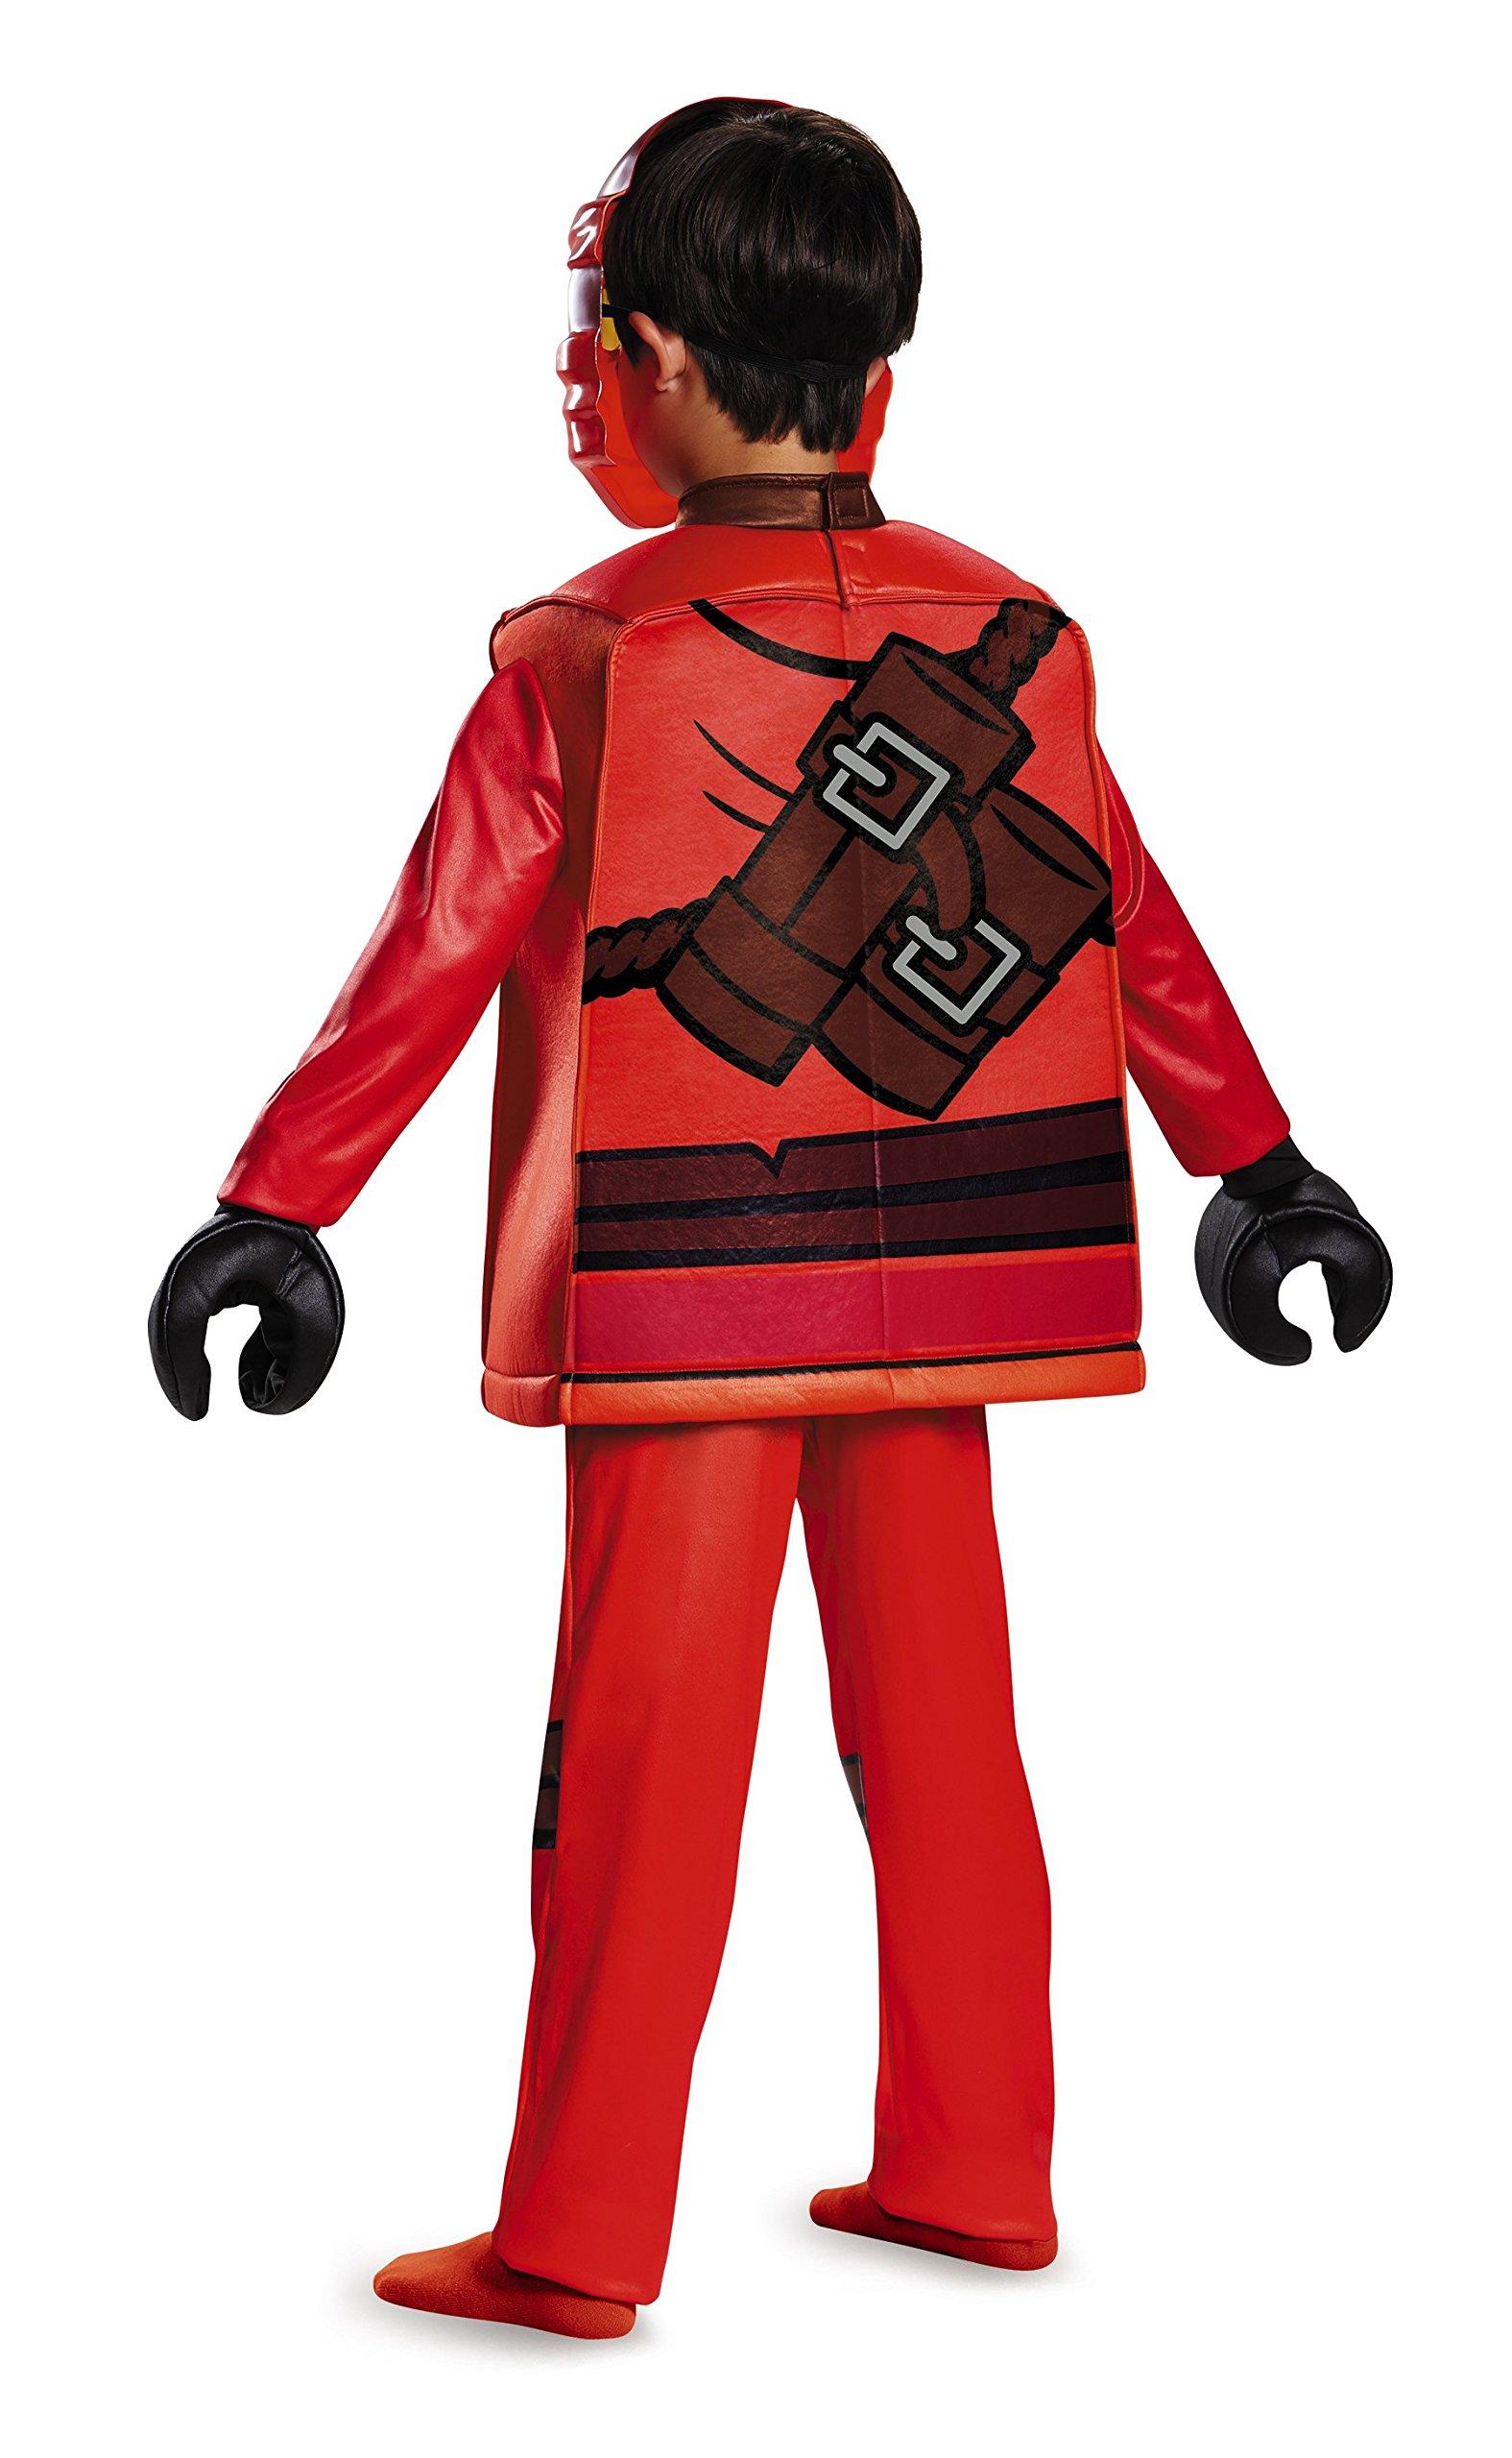 Lego Costume da Ninjago Kai, per Bambini, Taglia S, Gamma Deluxe, età 4–6Anni, Altezza ca. 120 cm -125 cm 2 spesavip